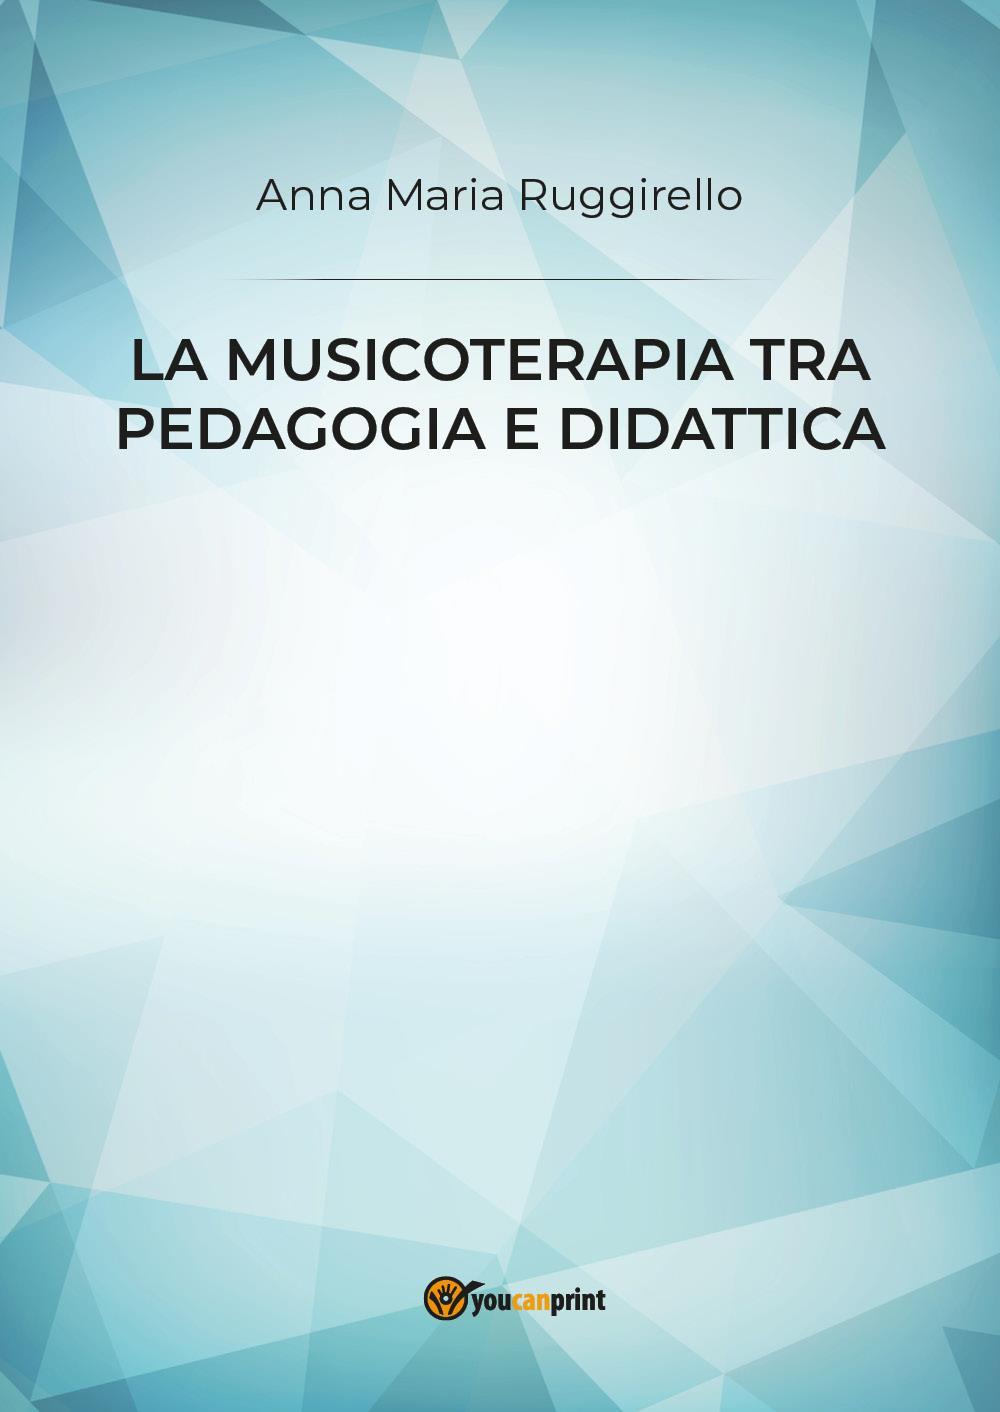 La musicoterapia tra pedagogia e didattica